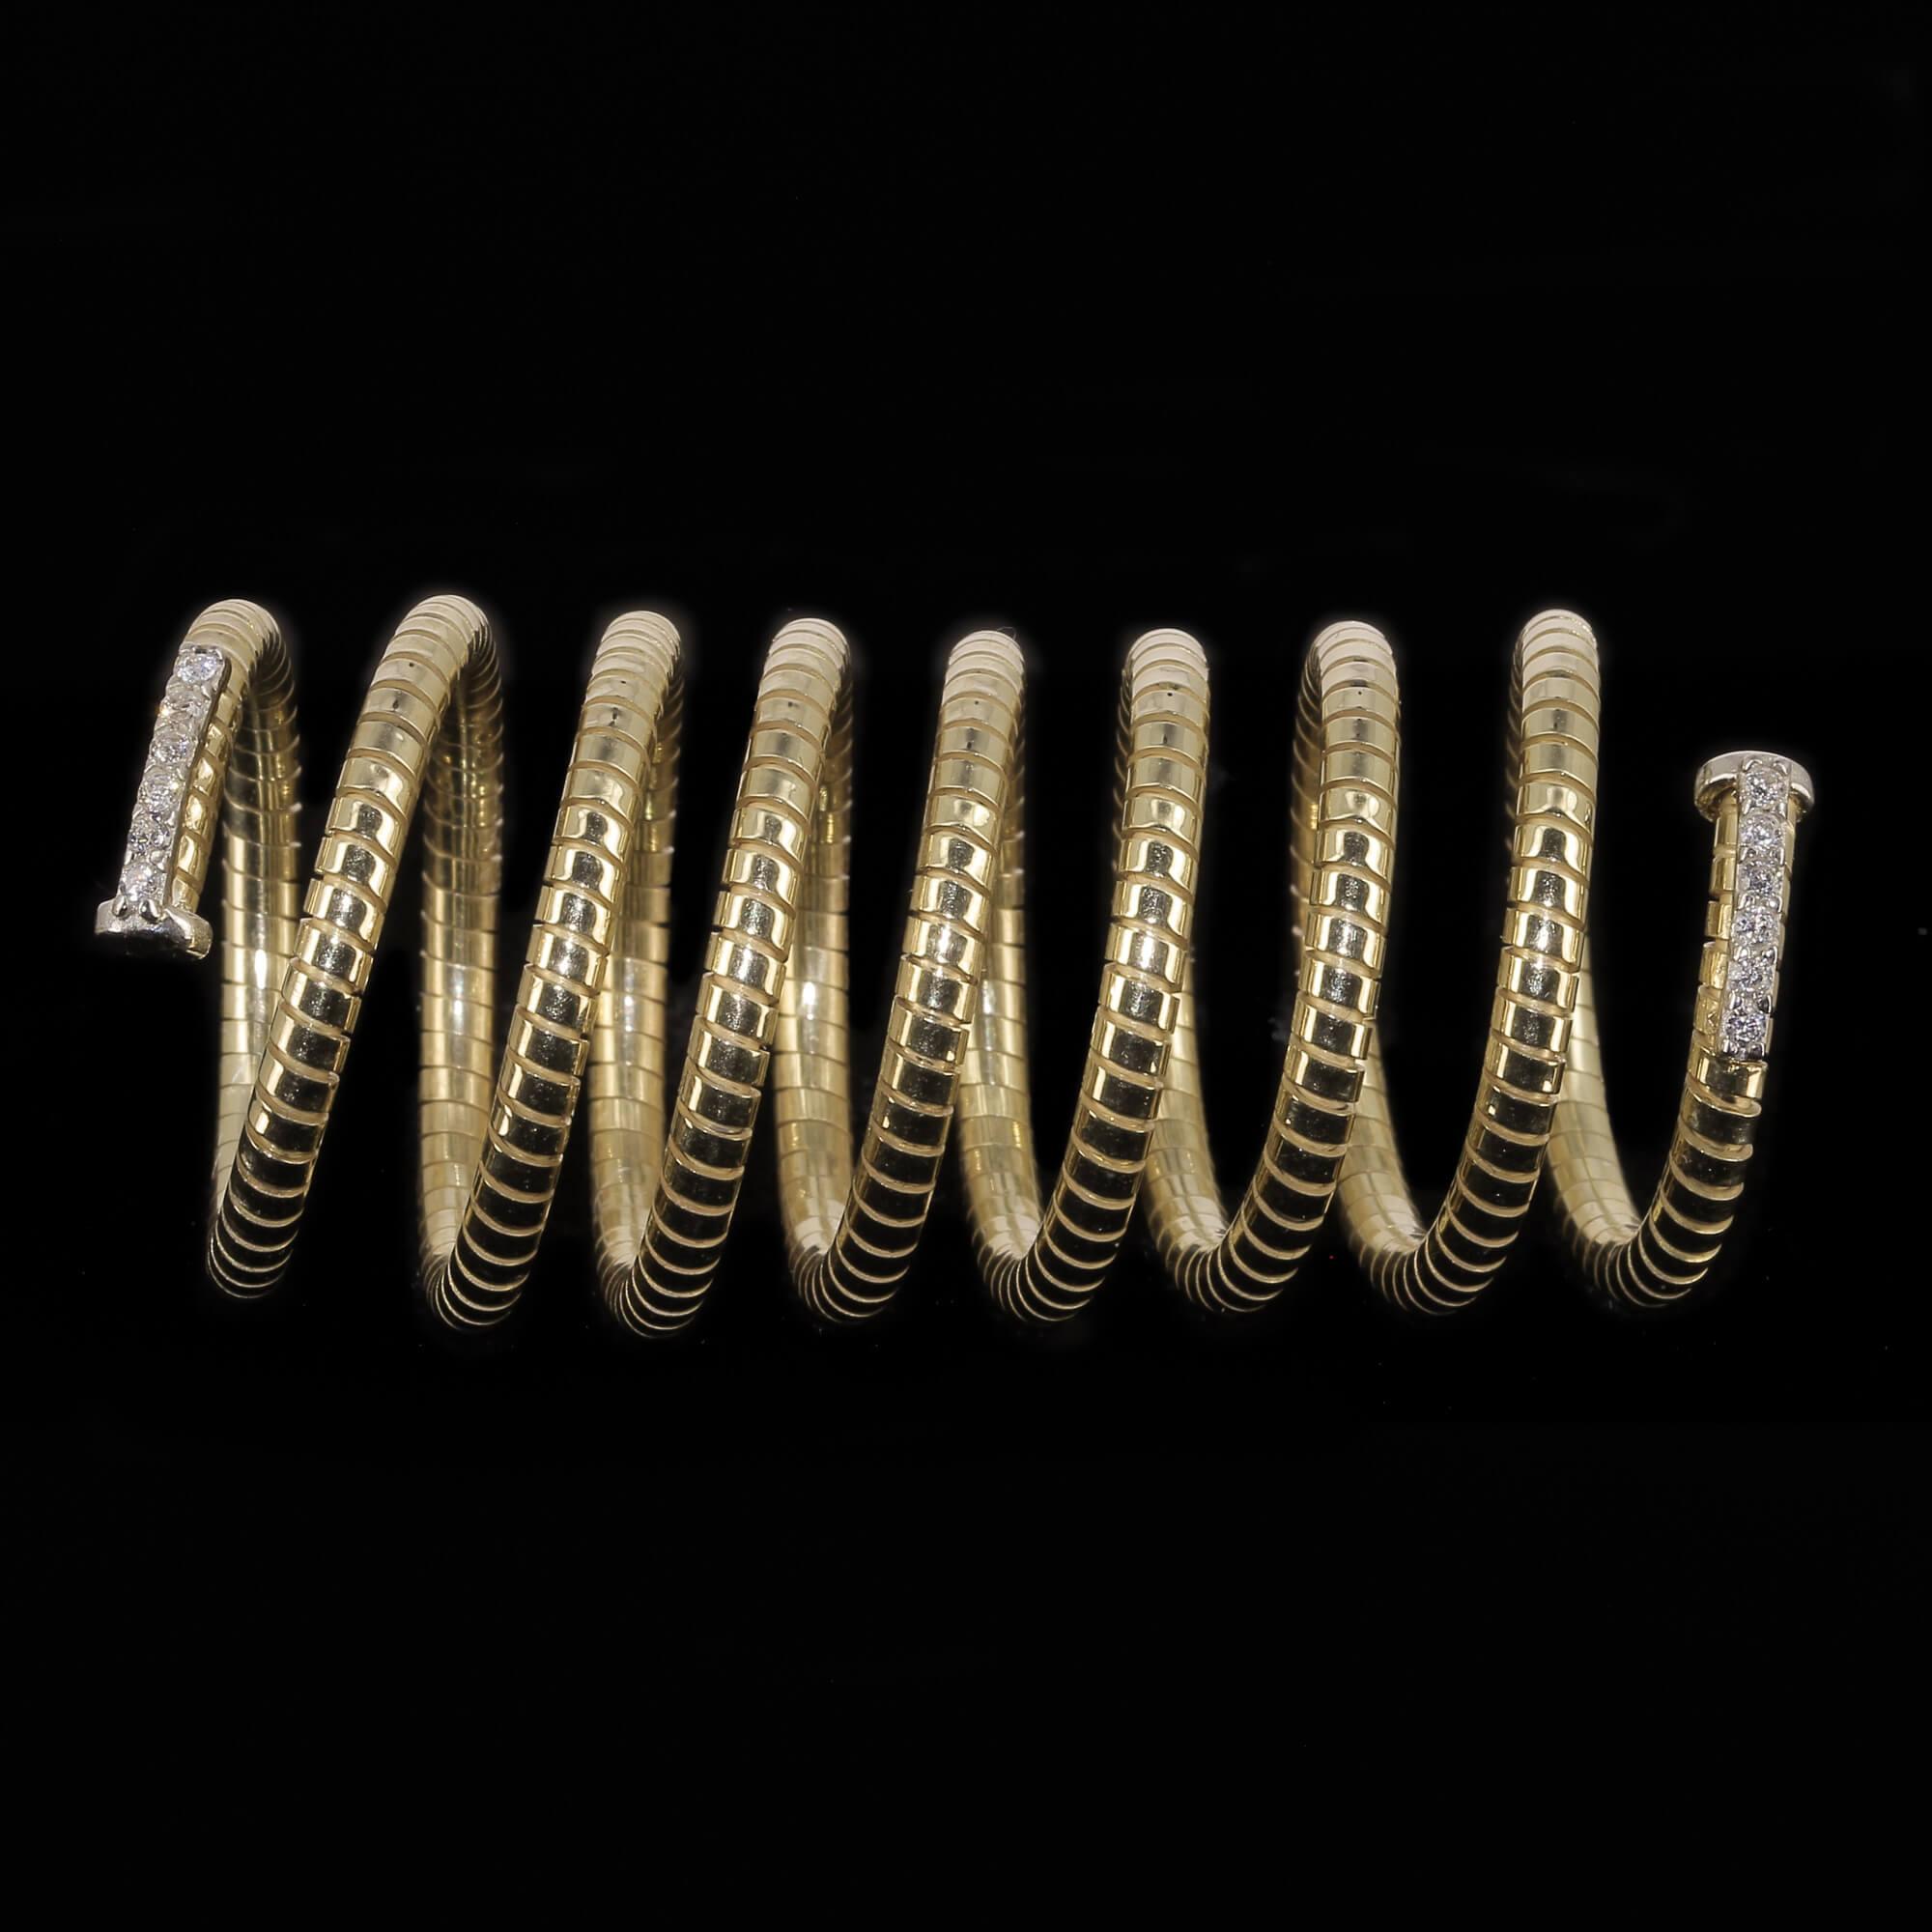 Vergulde en spiraalvormige ring met zirkonia